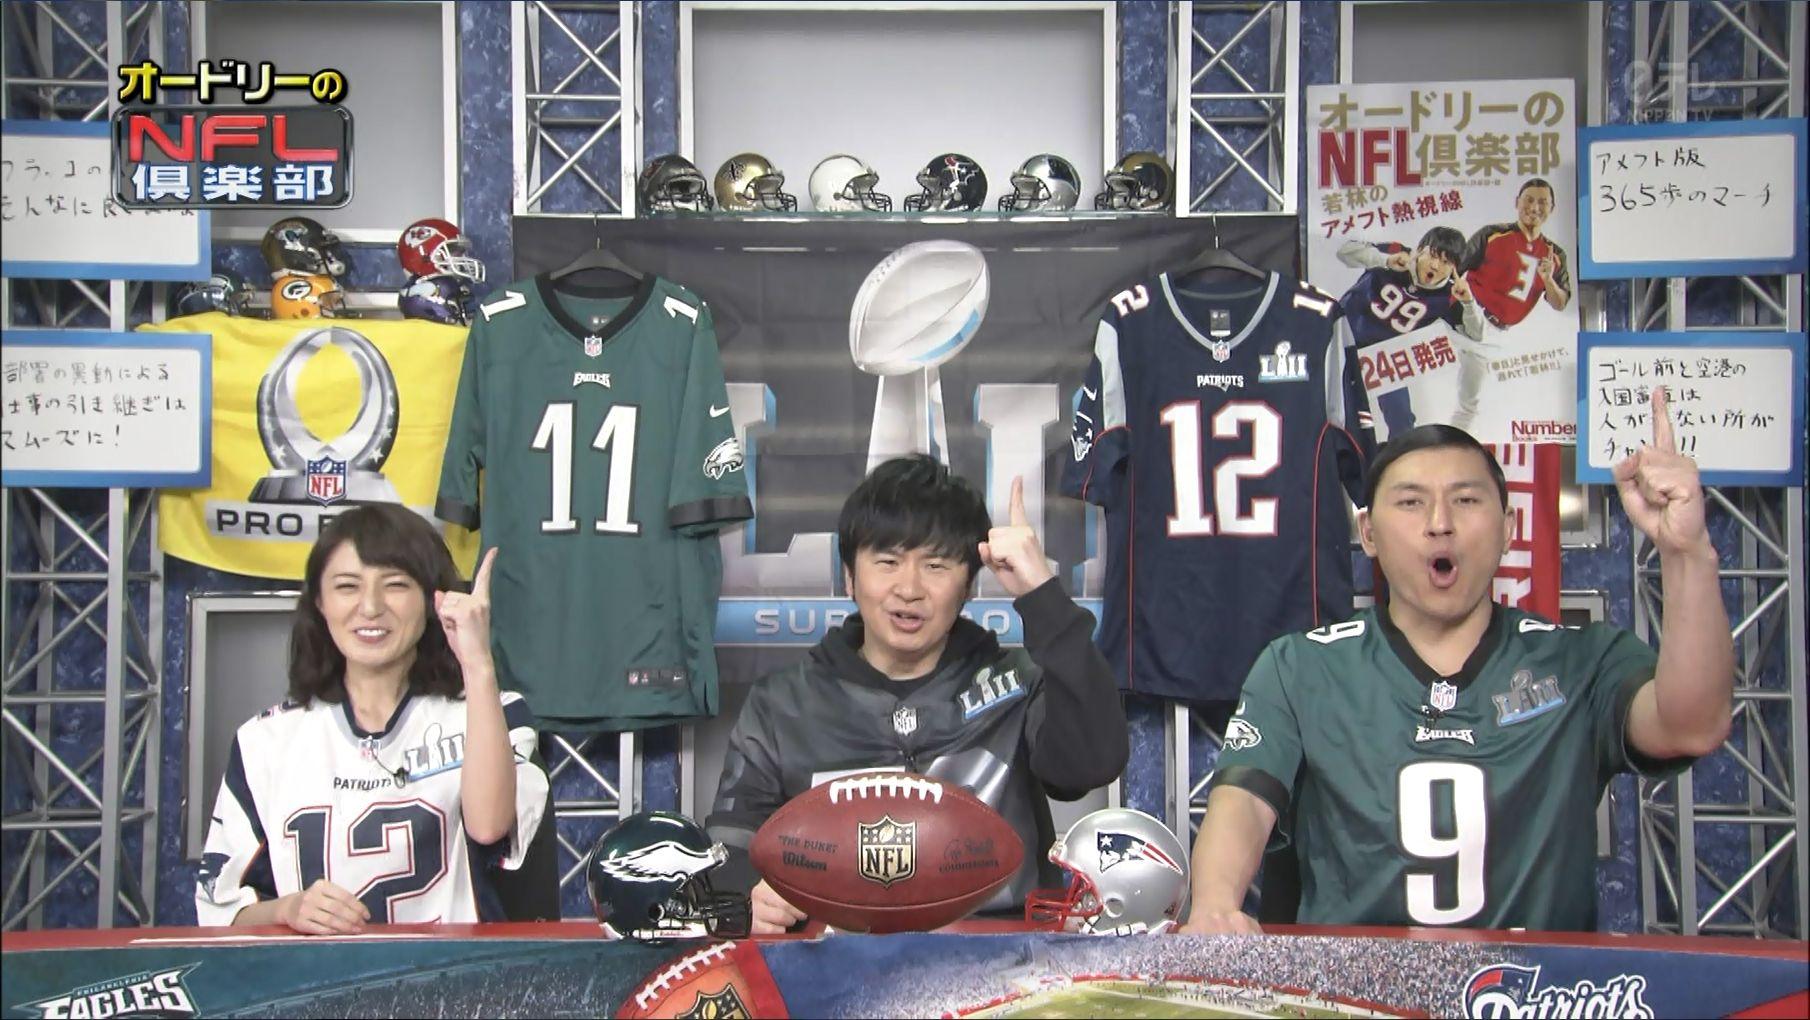 日本 テレビ 倶楽部 nfl